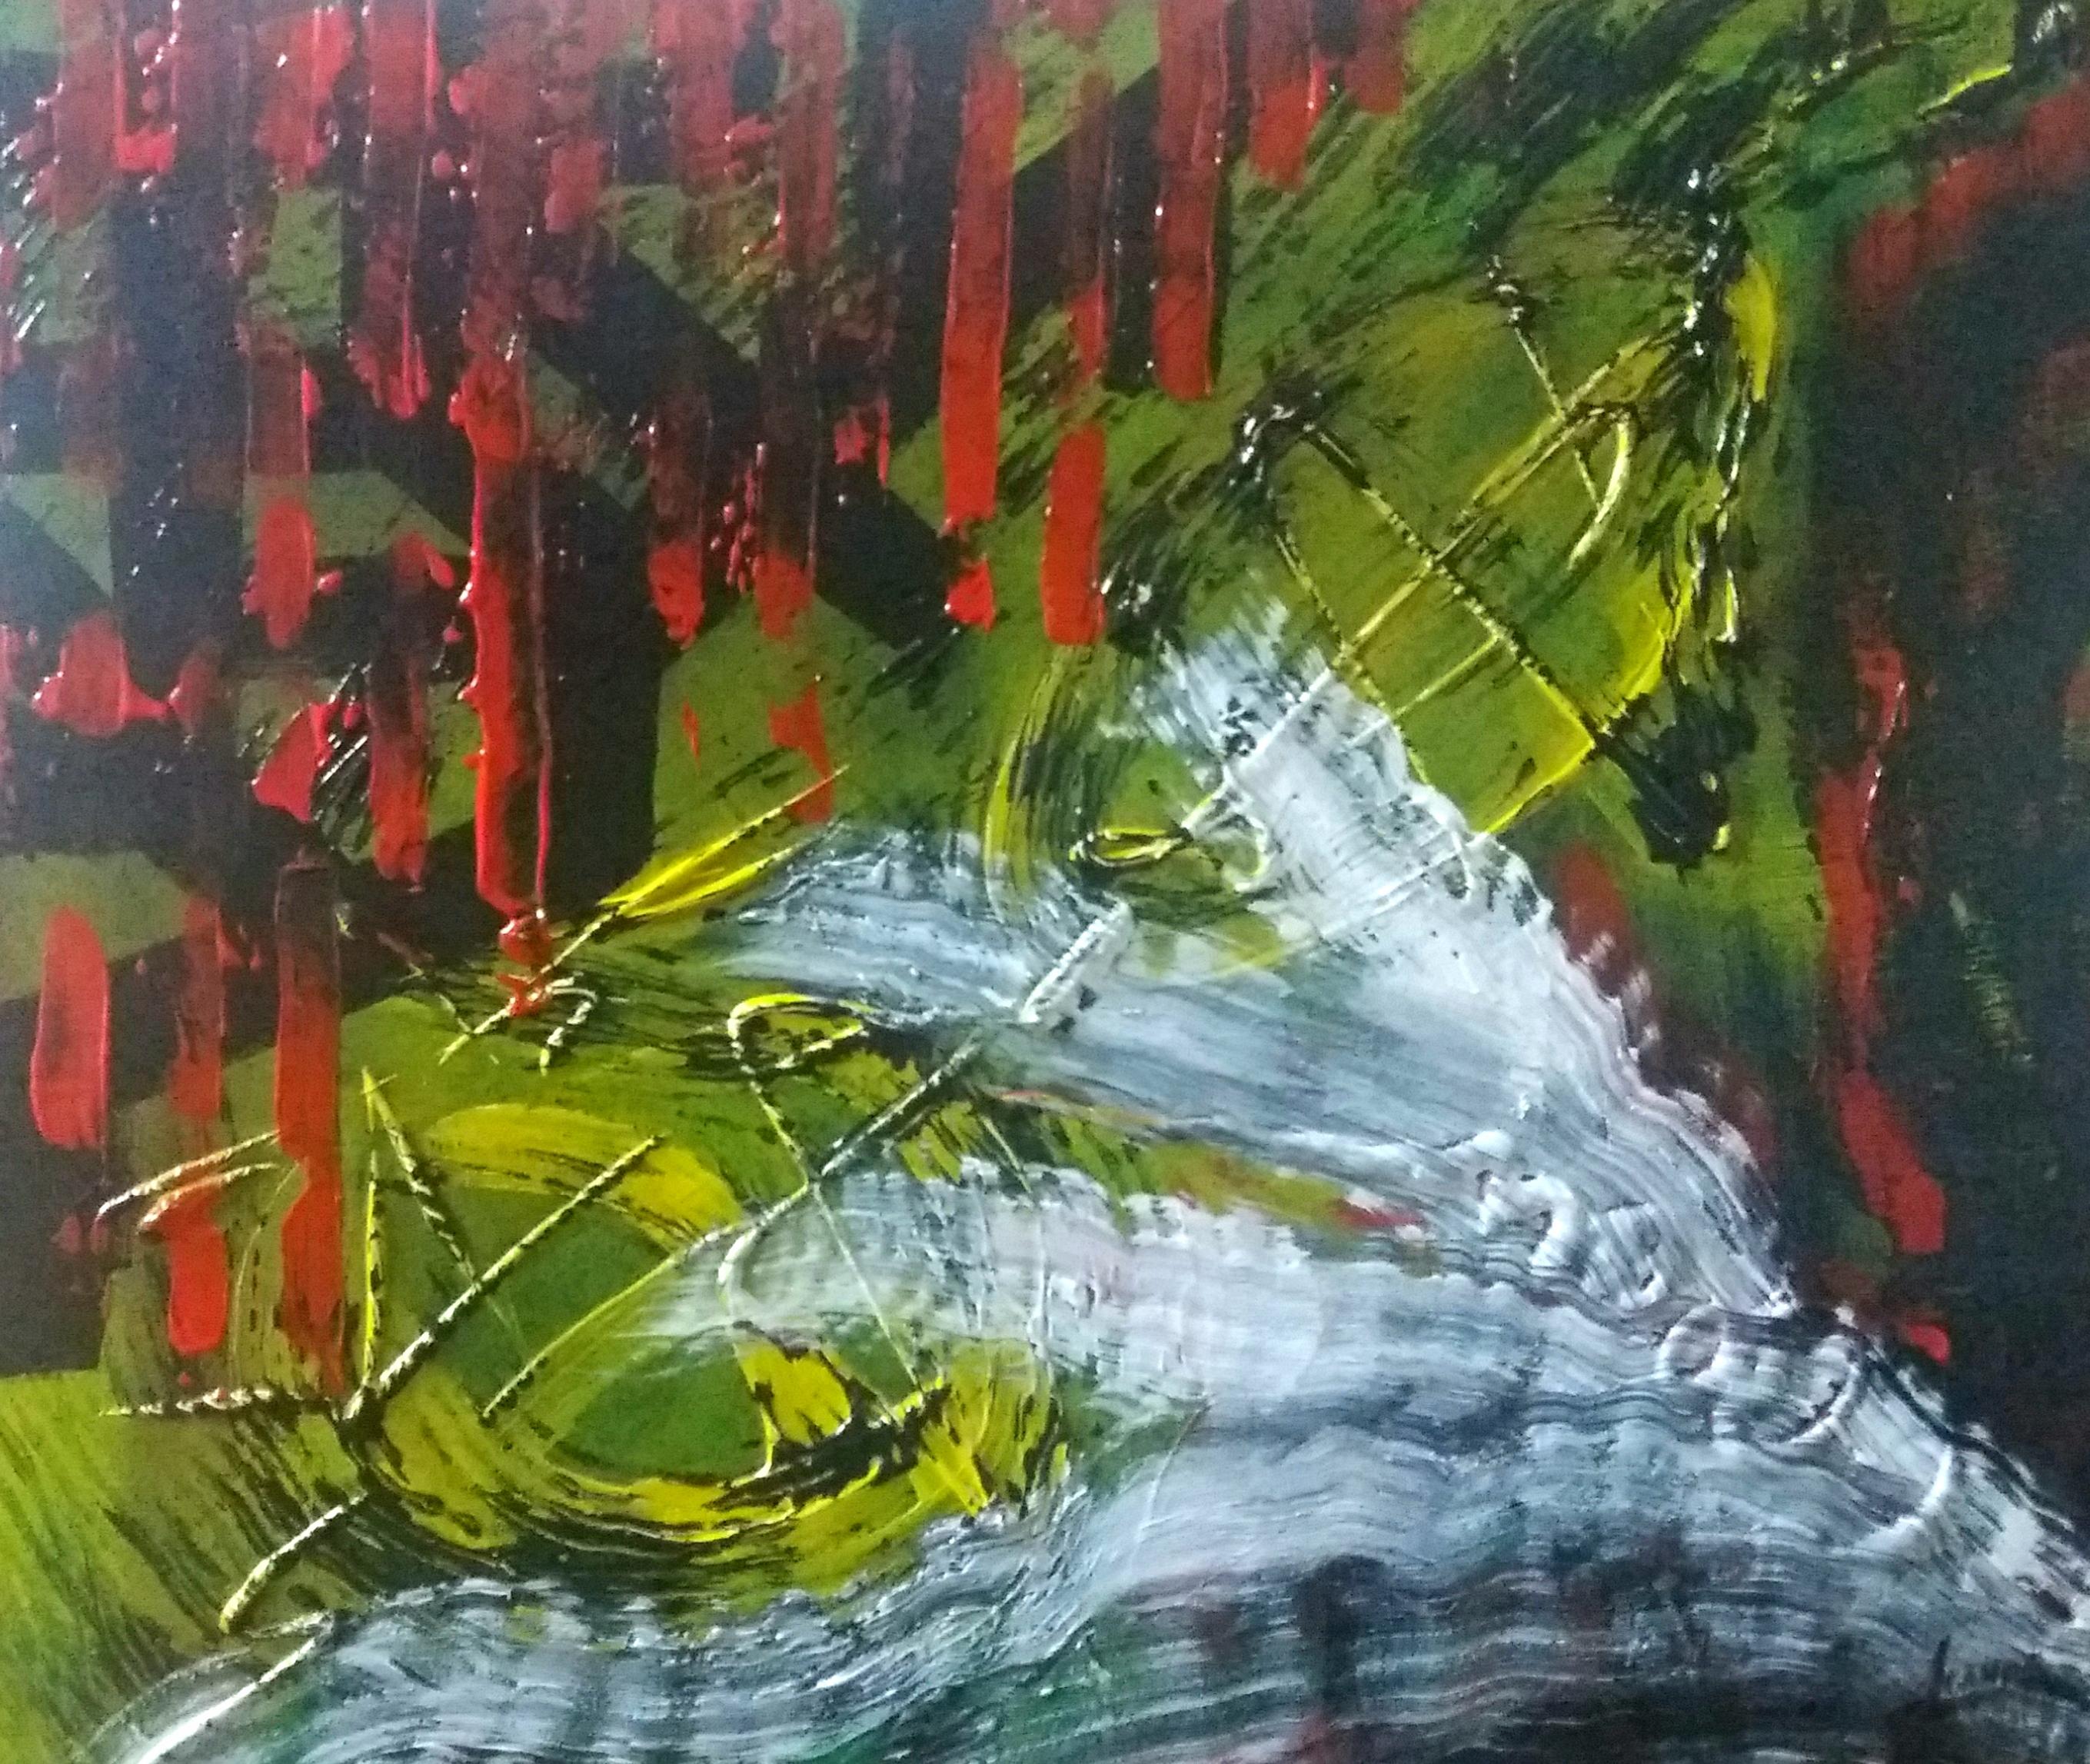 Otro cuadro abstracto.